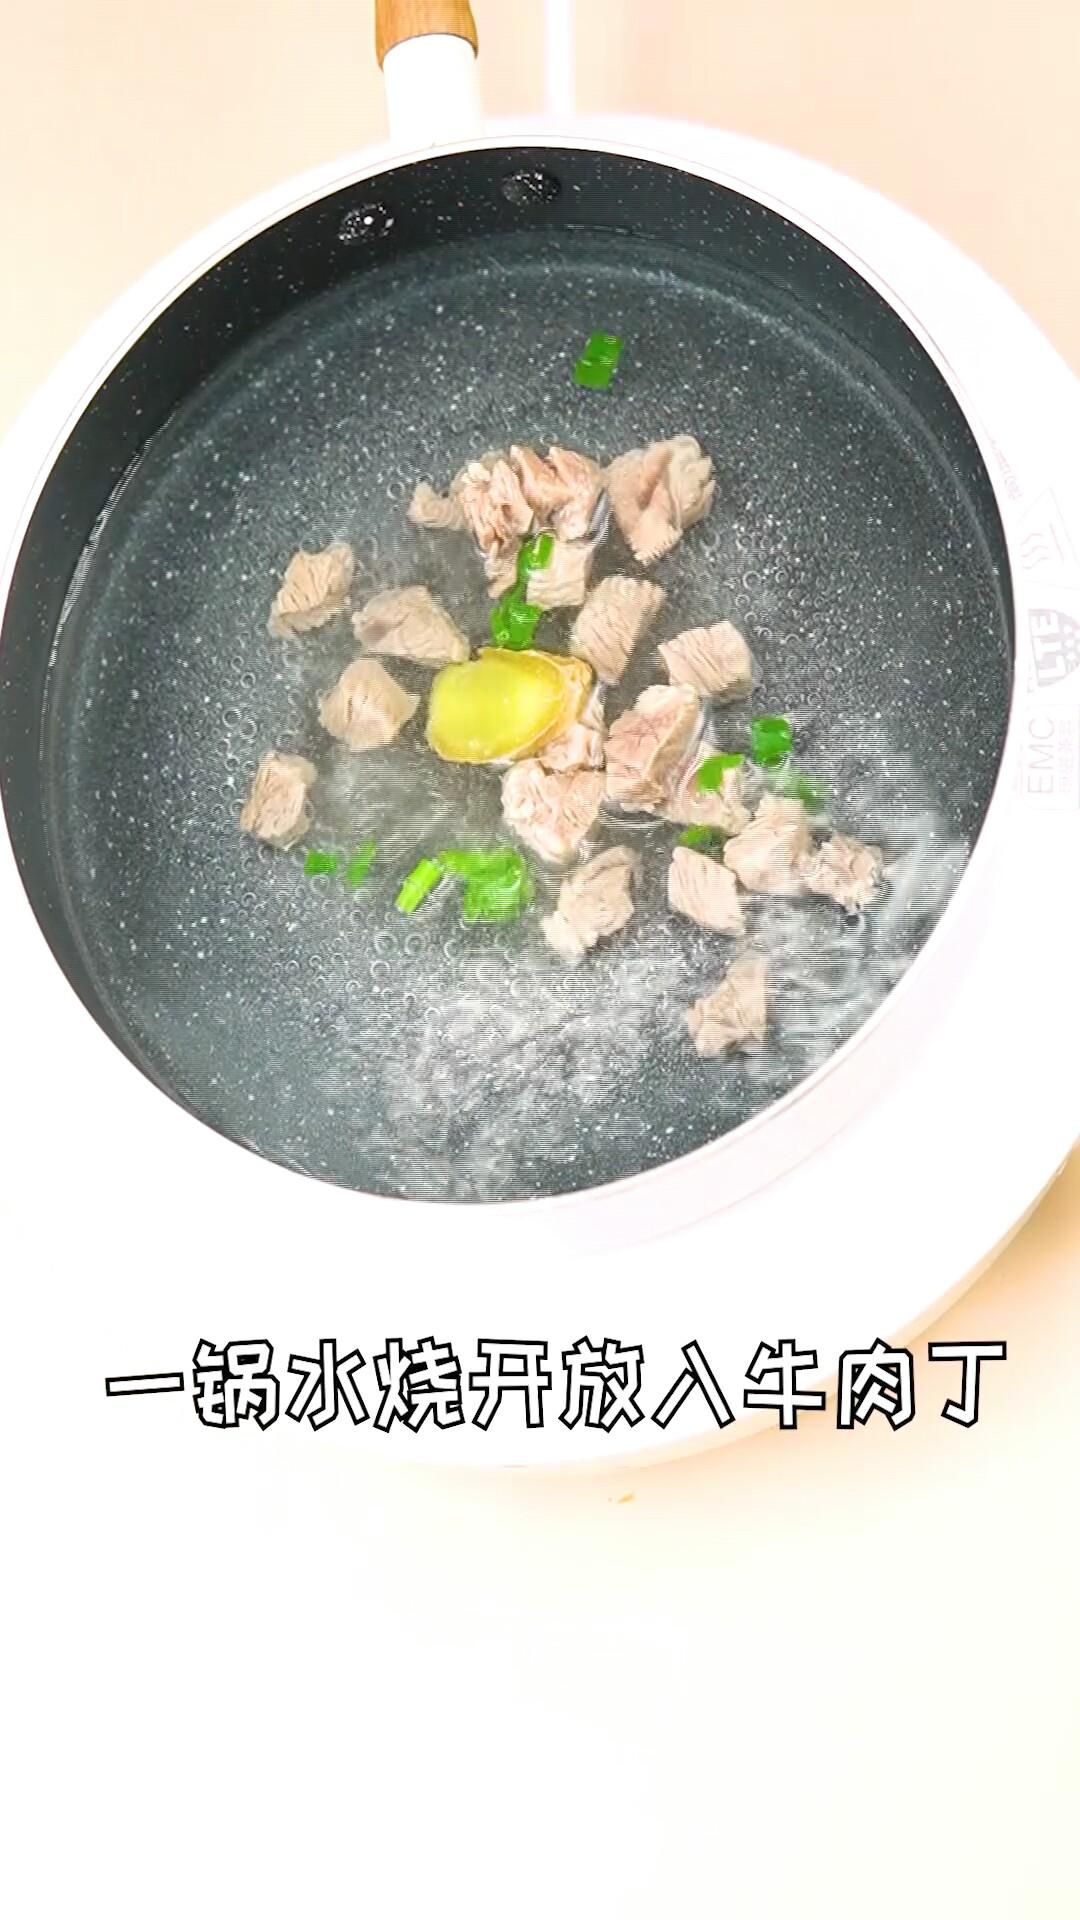 香菇胡萝卜炖牛腩怎么炖